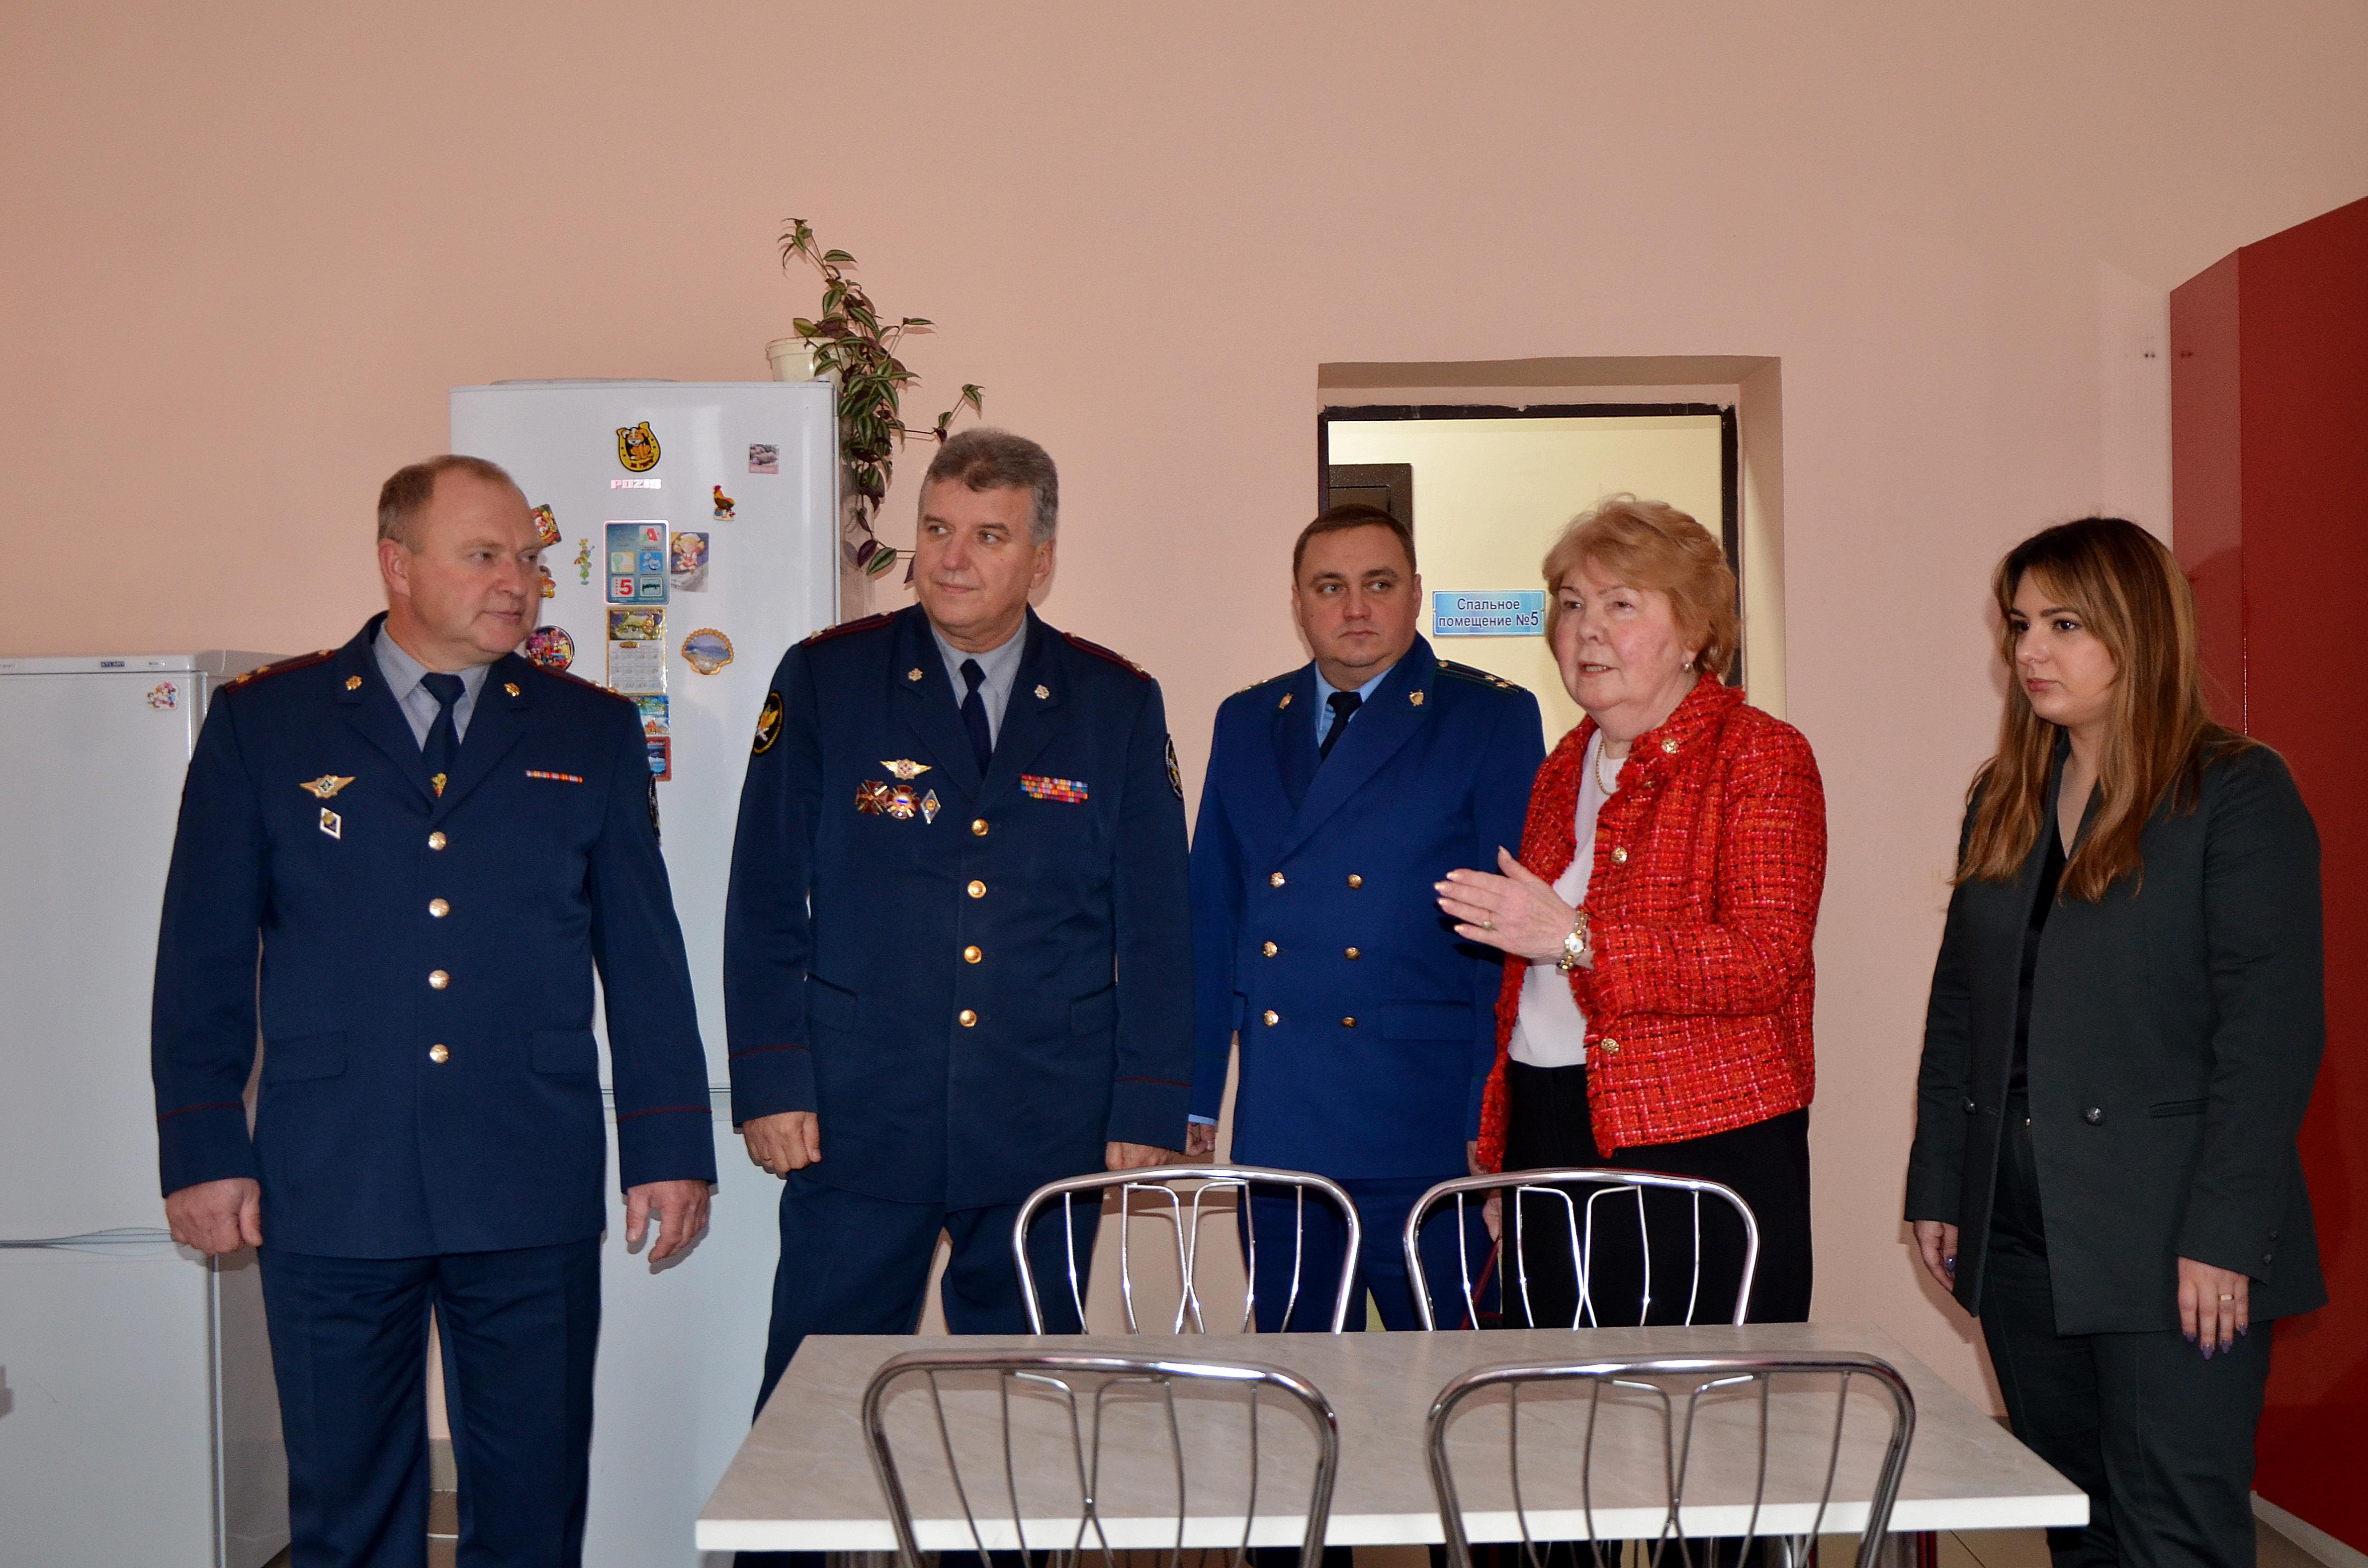 В ходе визита в исправительное учреждение представители Фонда ознакомились с порядком организации работы Центра социально-психологической реабилитации осуждённых